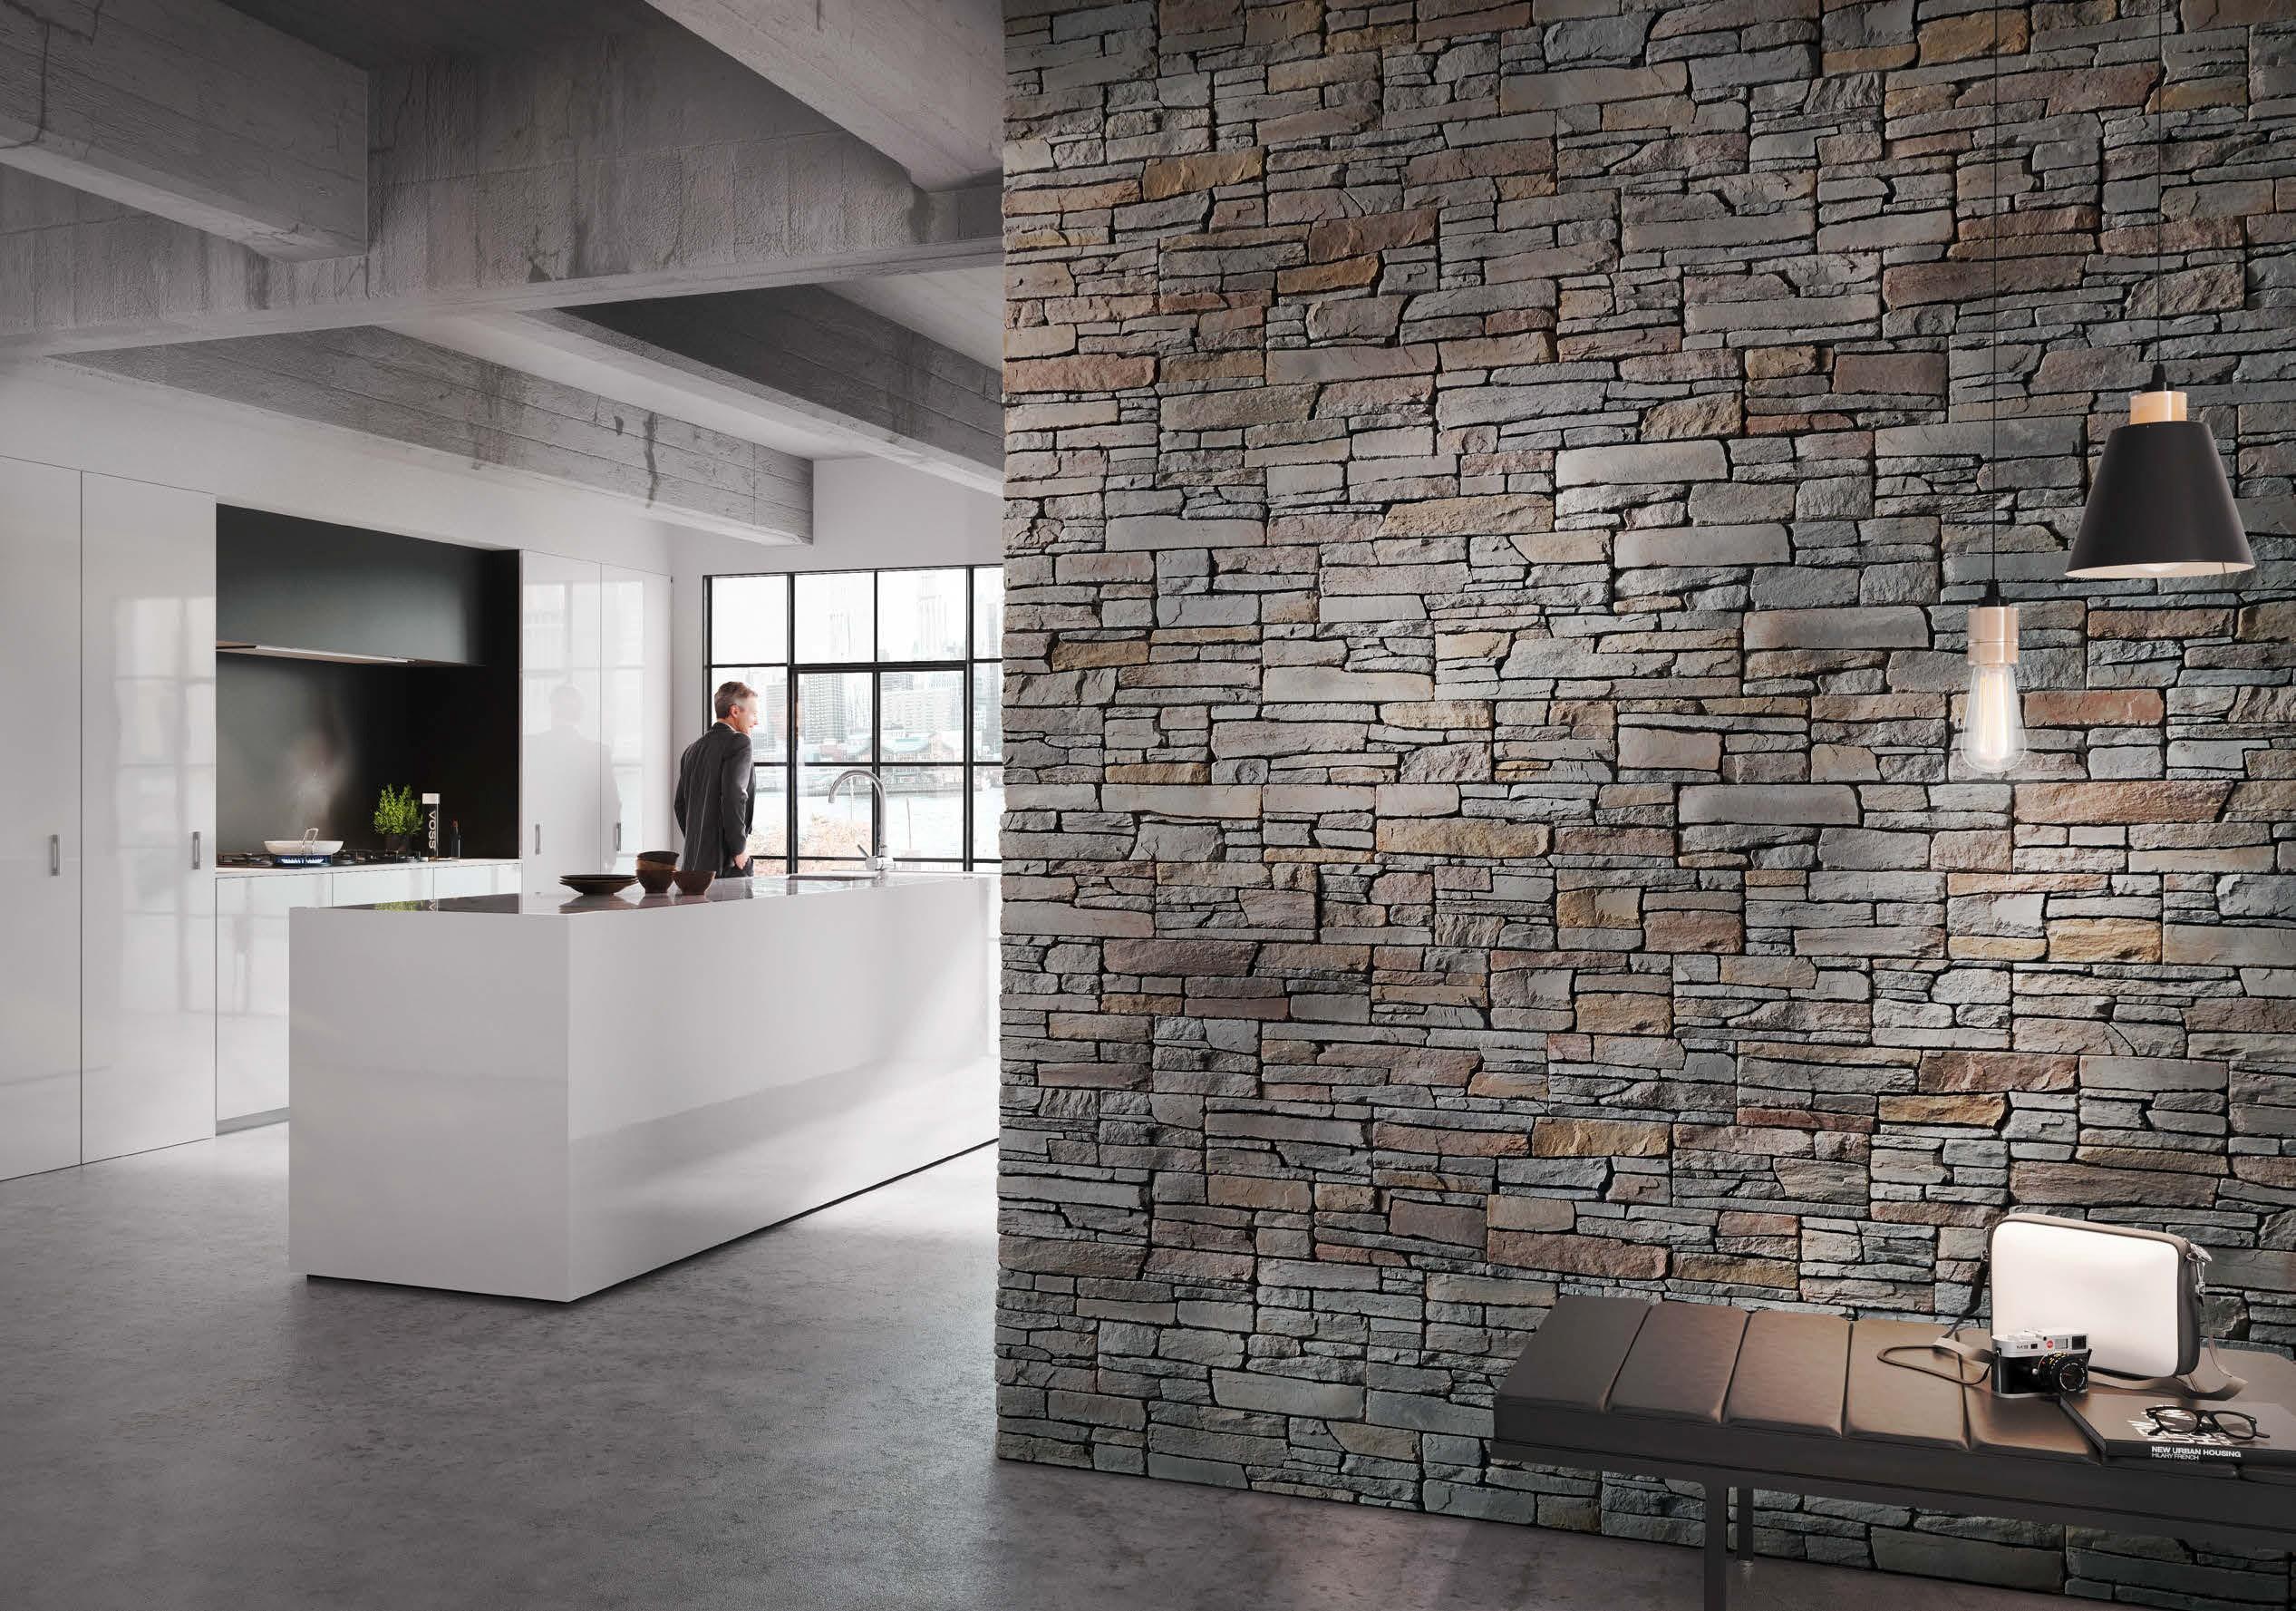 Pareti In Finta Pietra parete in finta pietra o pietra naturale: differenza e